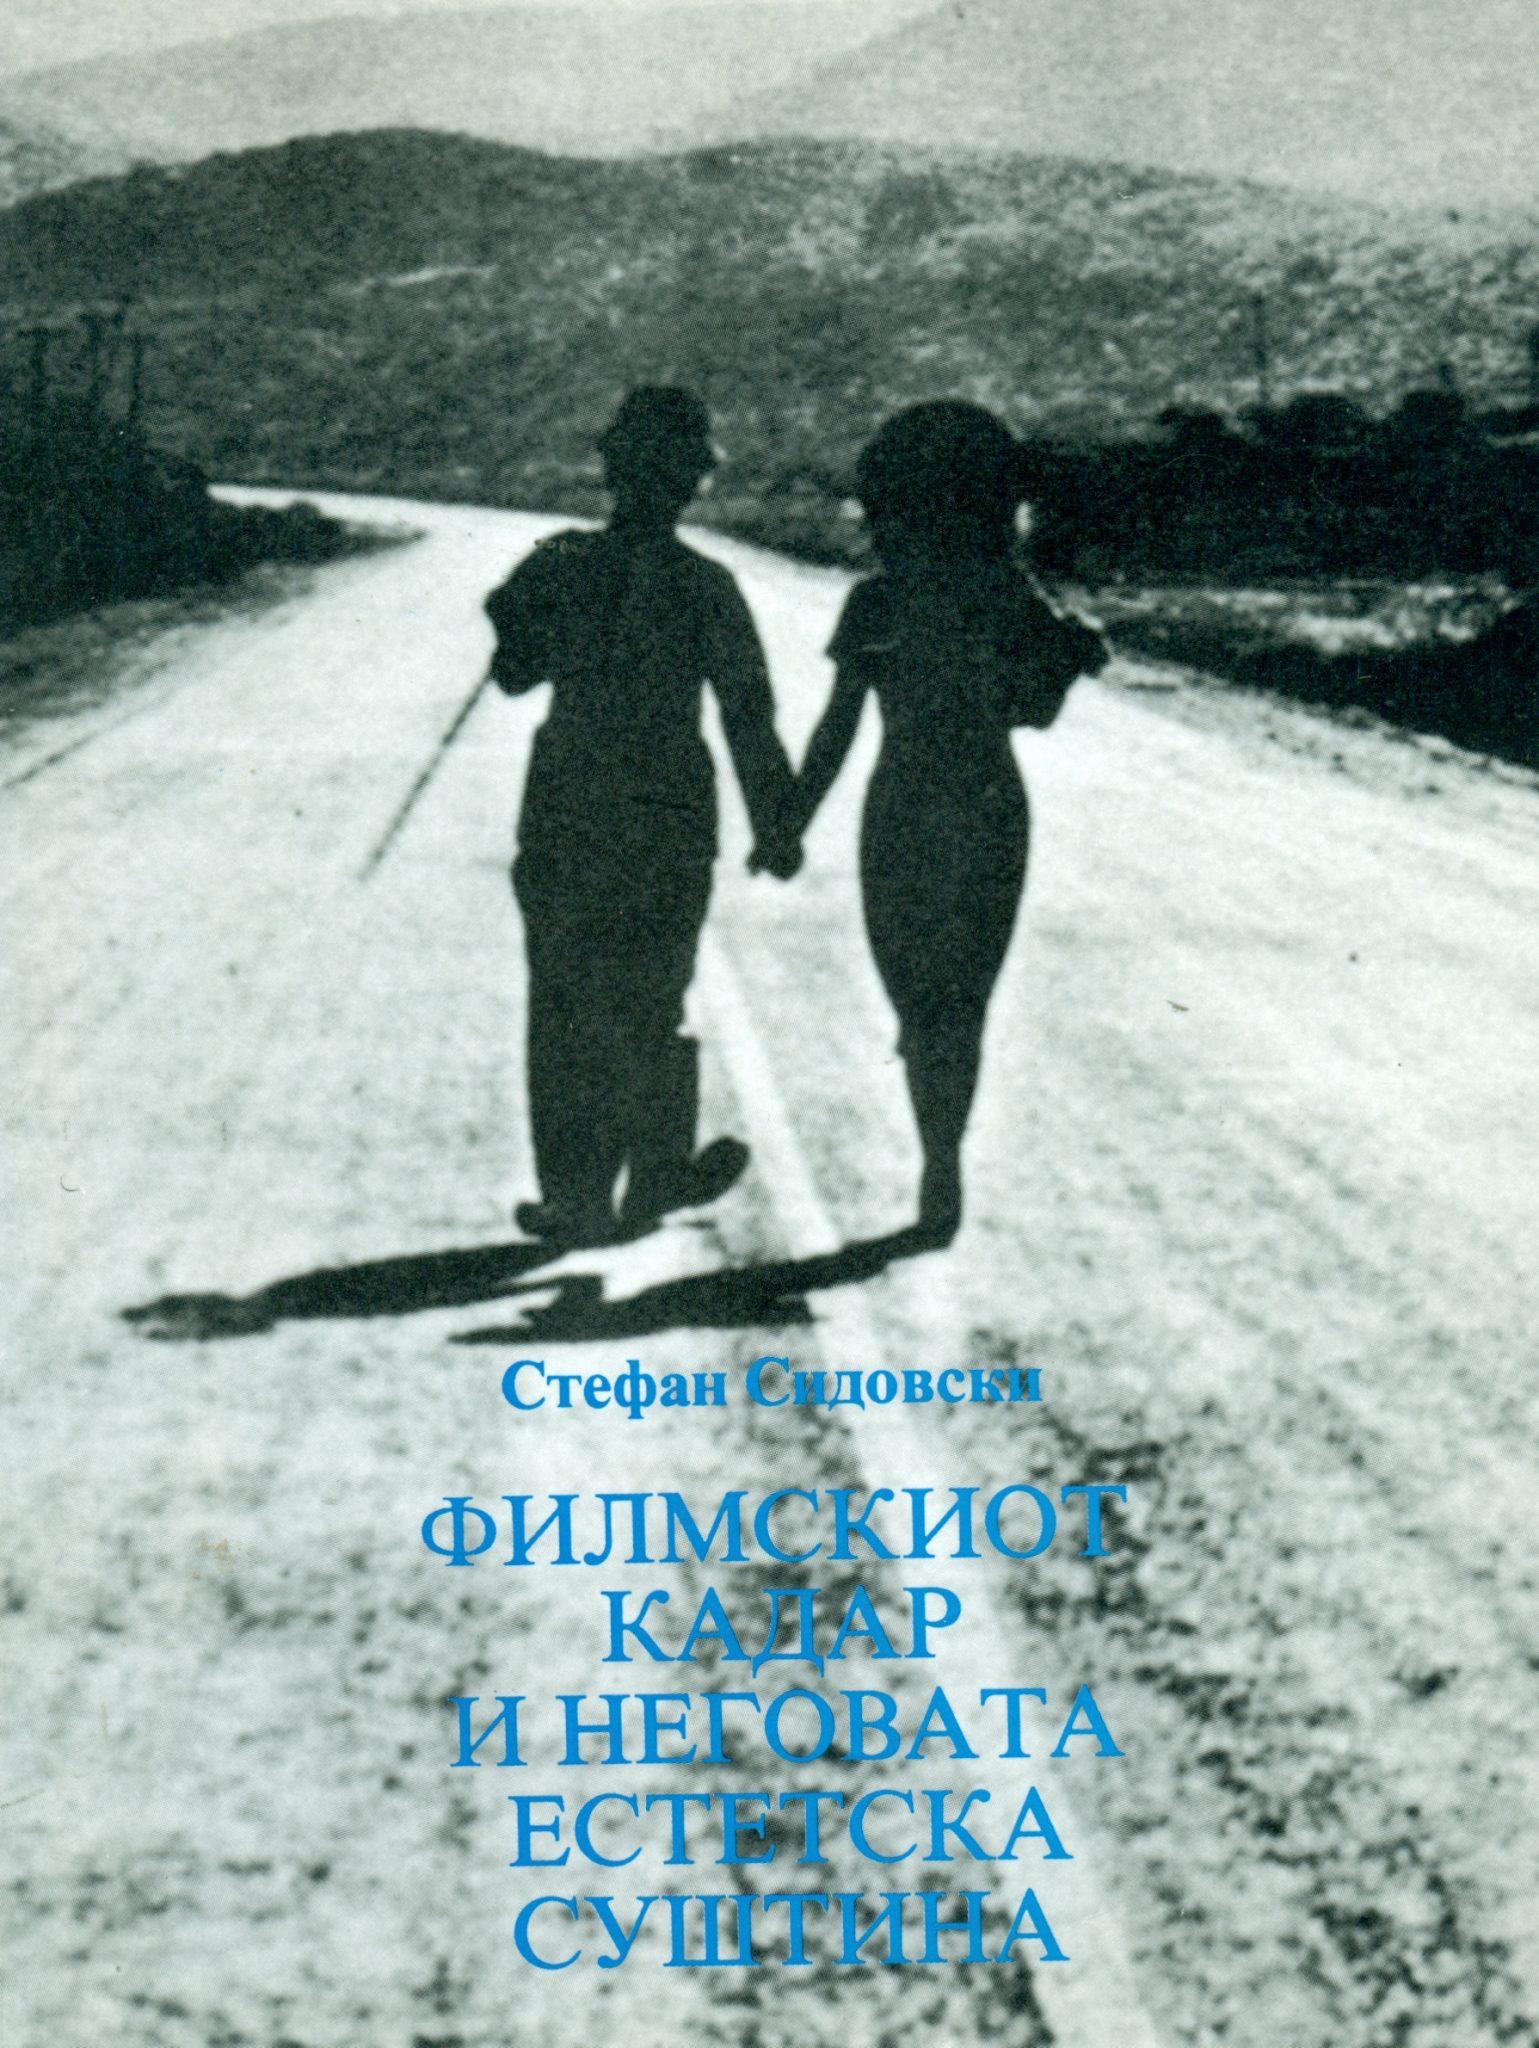 Филмскиот кадар и неговата естетска суштина: свечено издание во чест на стогодишнината на филмот